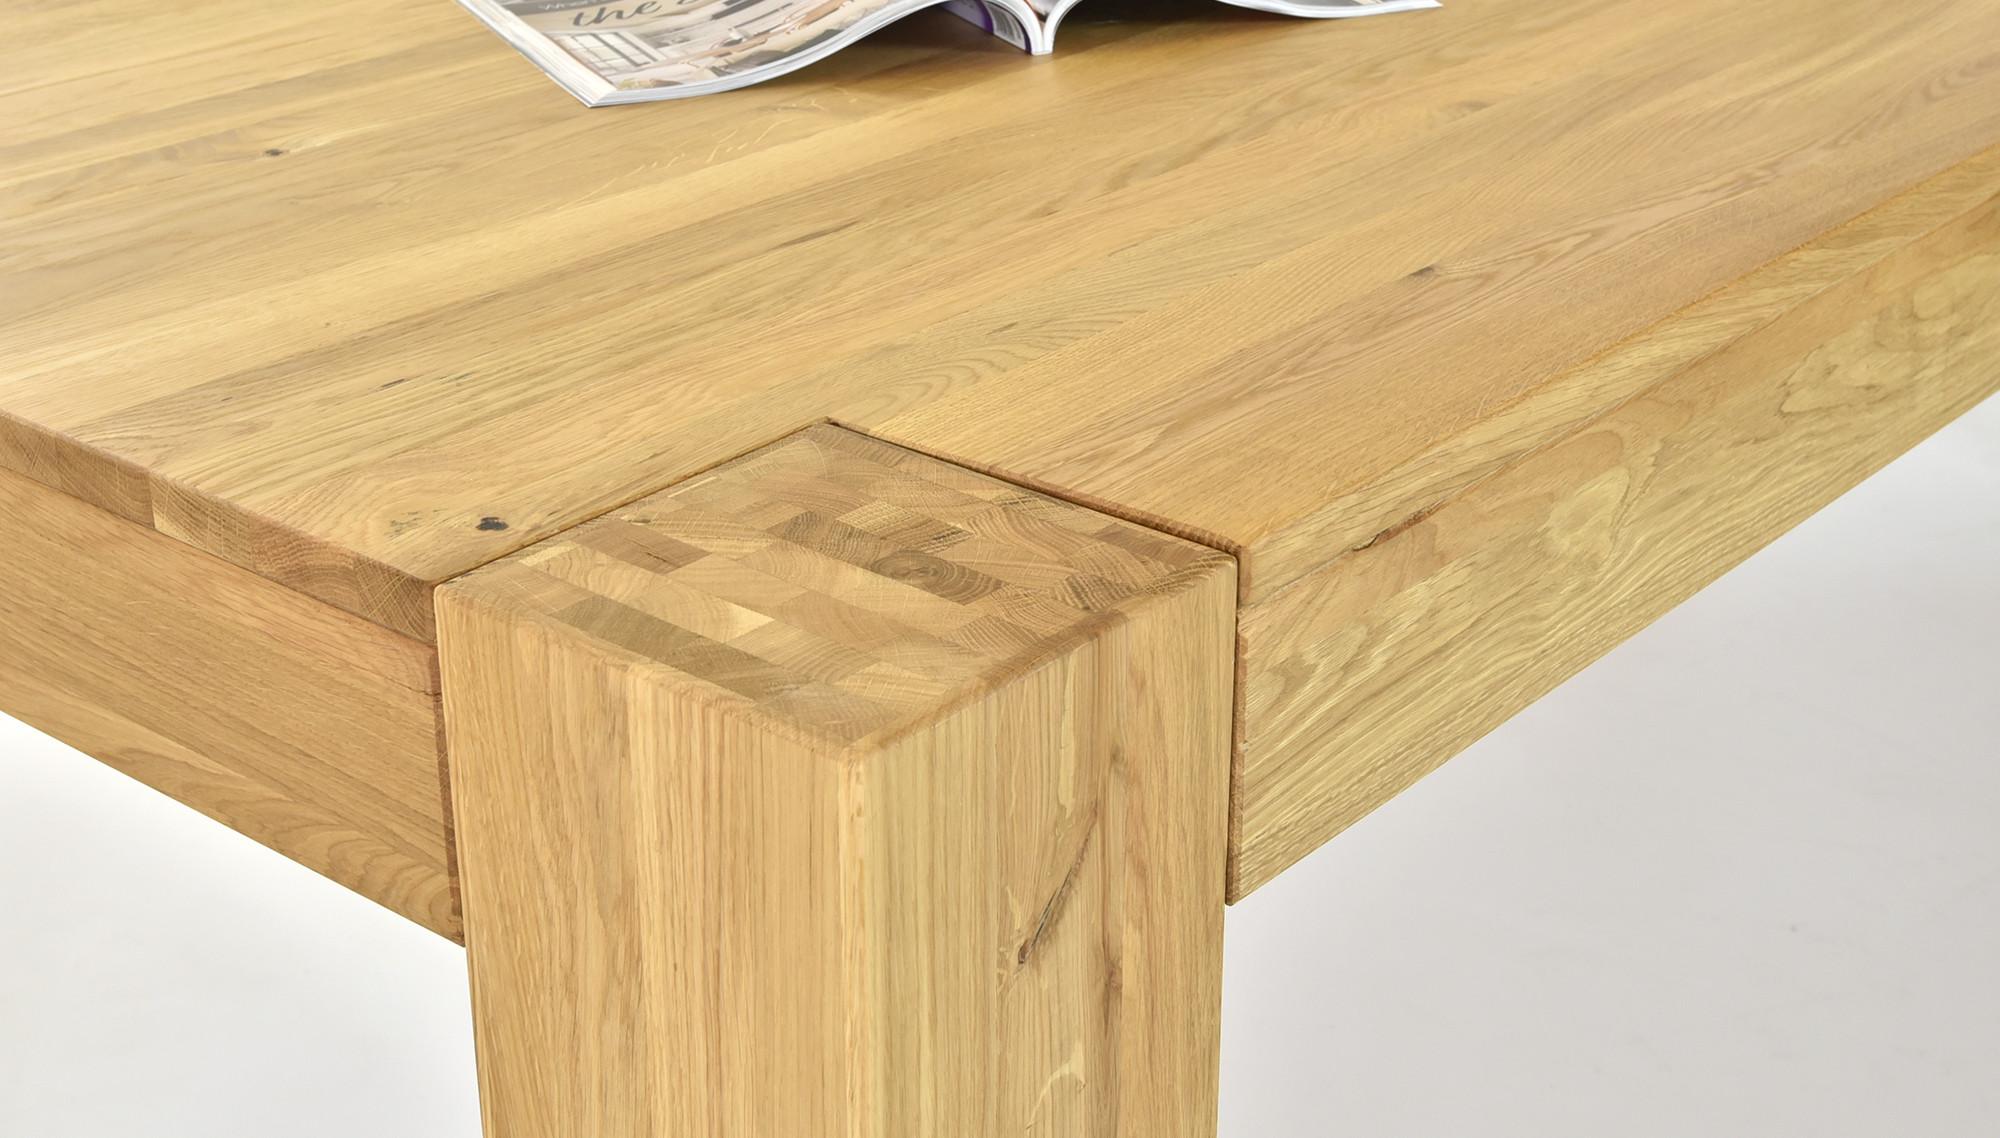 Esstisch aus eichenholz george for Eichenholz esstisch